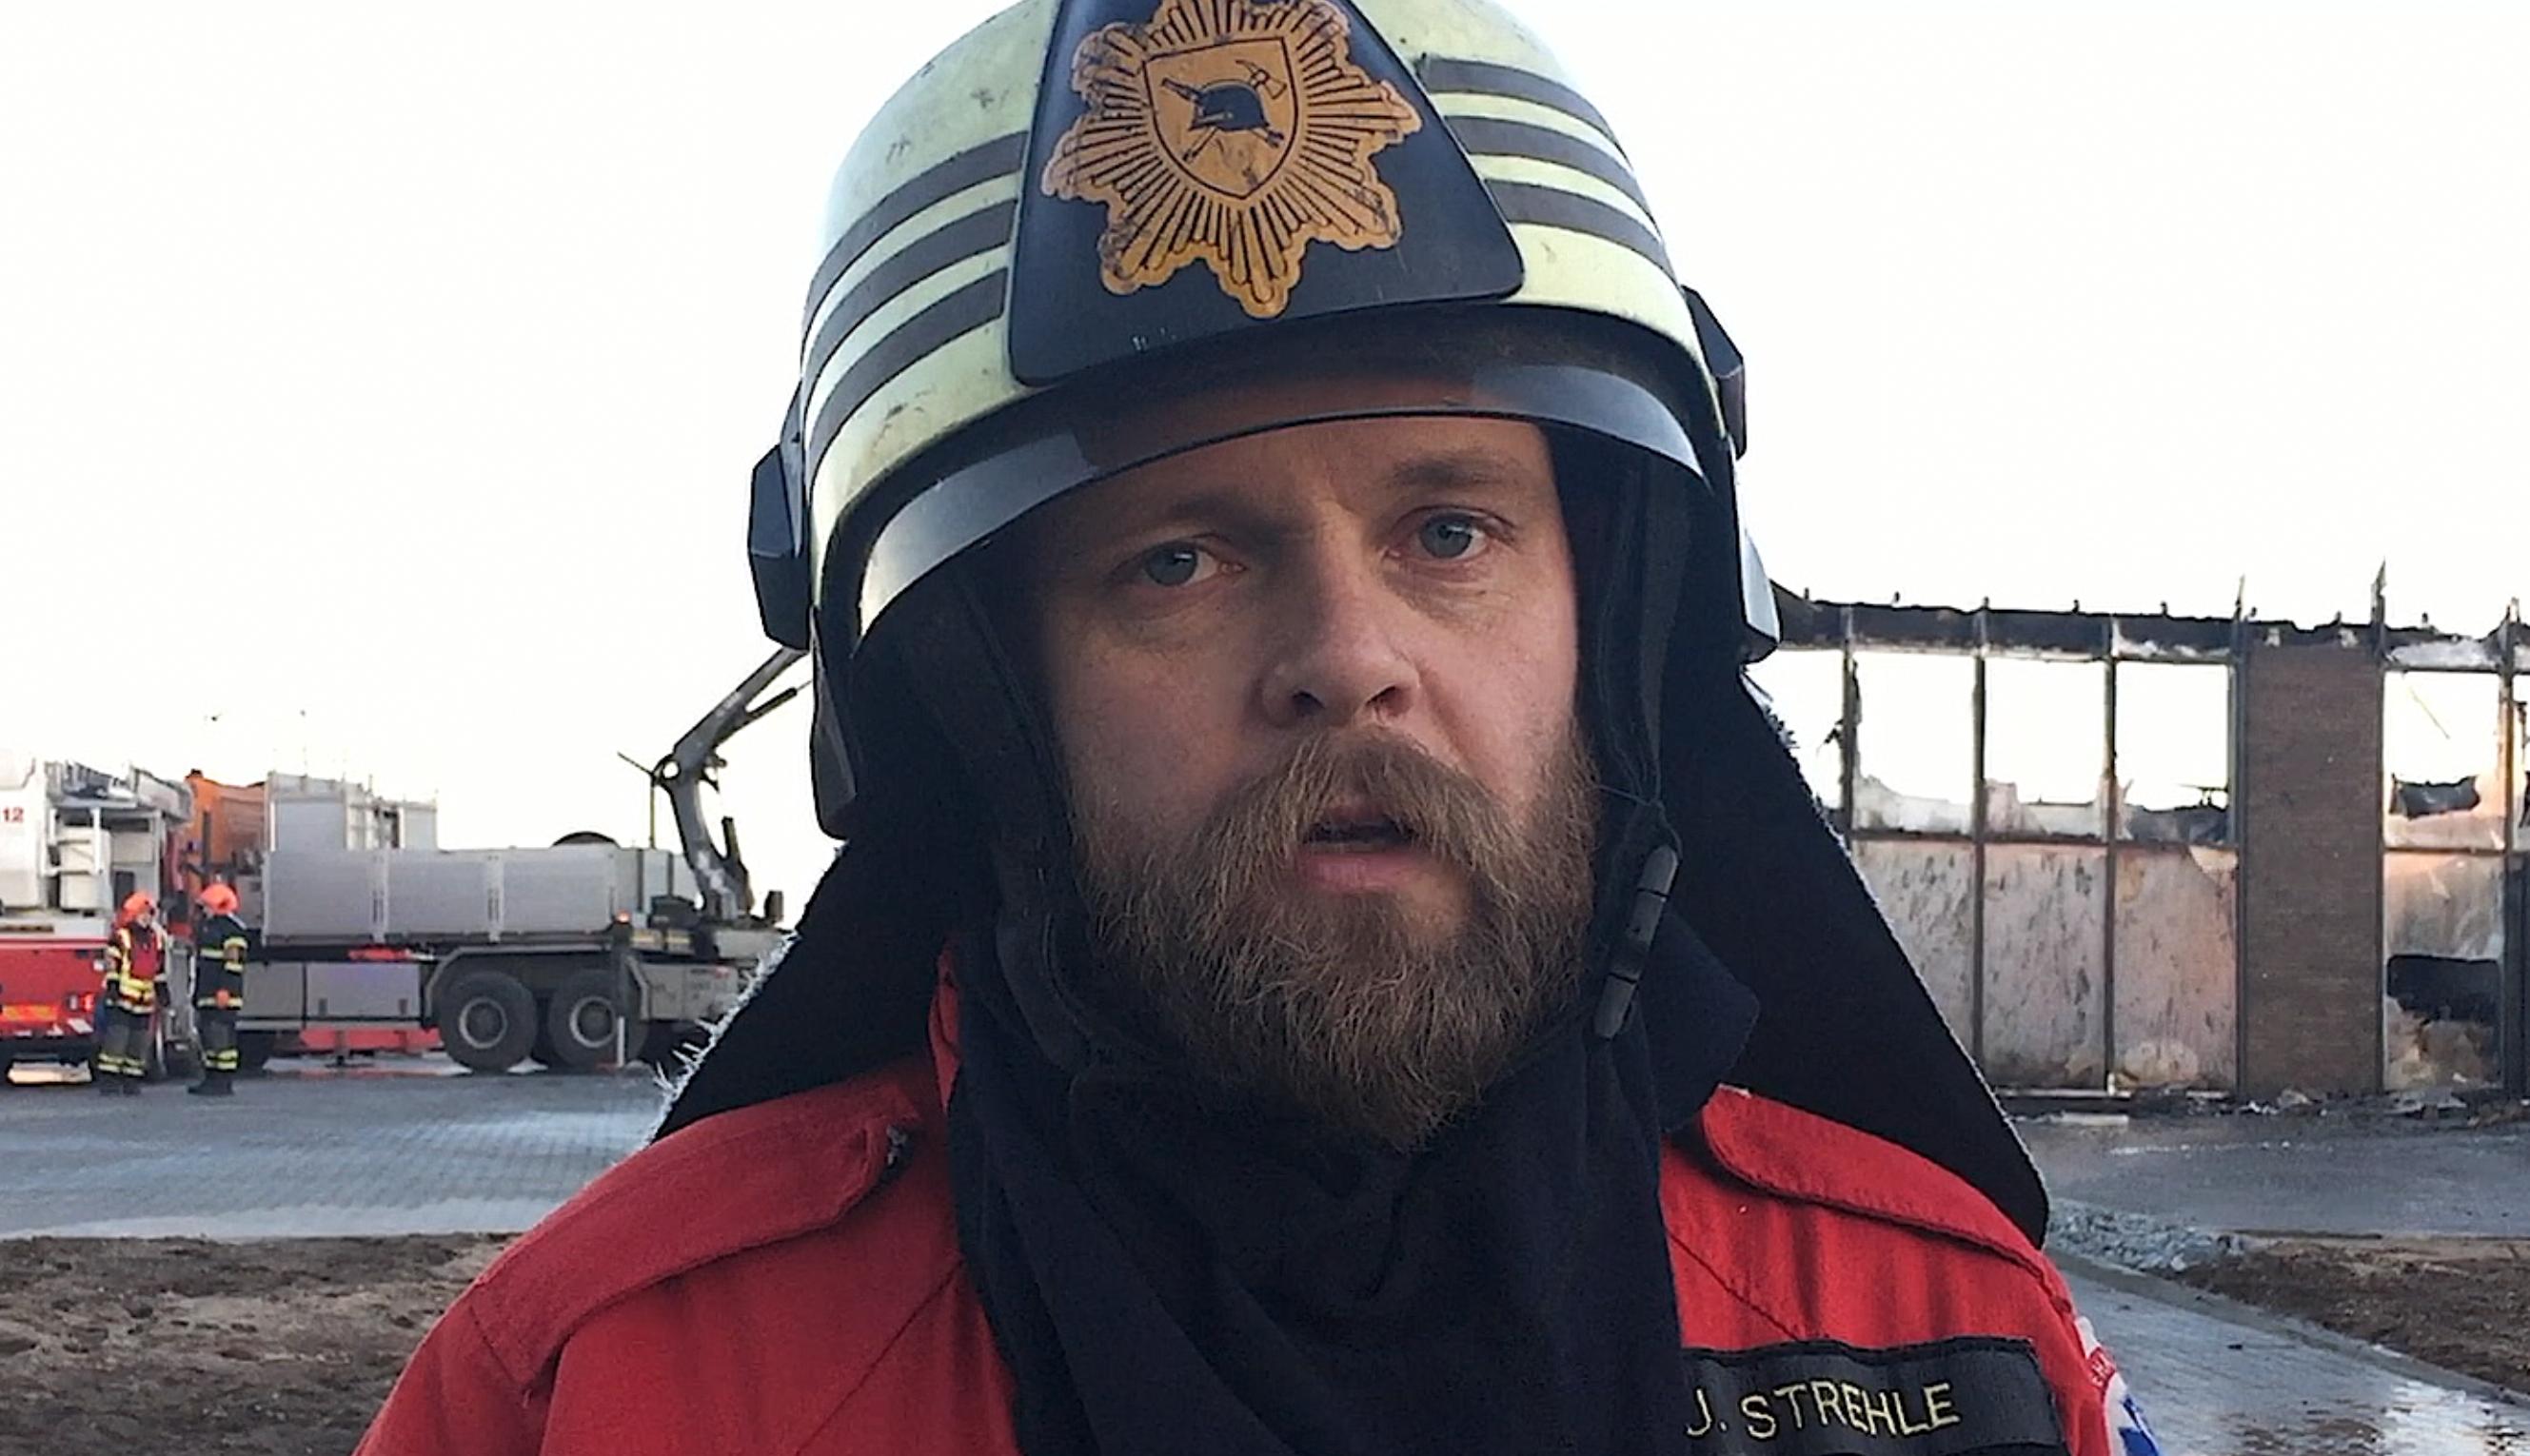 SE VIDEO : HØR INDSATSLEDER ULRIK STREHLE FORTÆLLE OM INDSATSEN